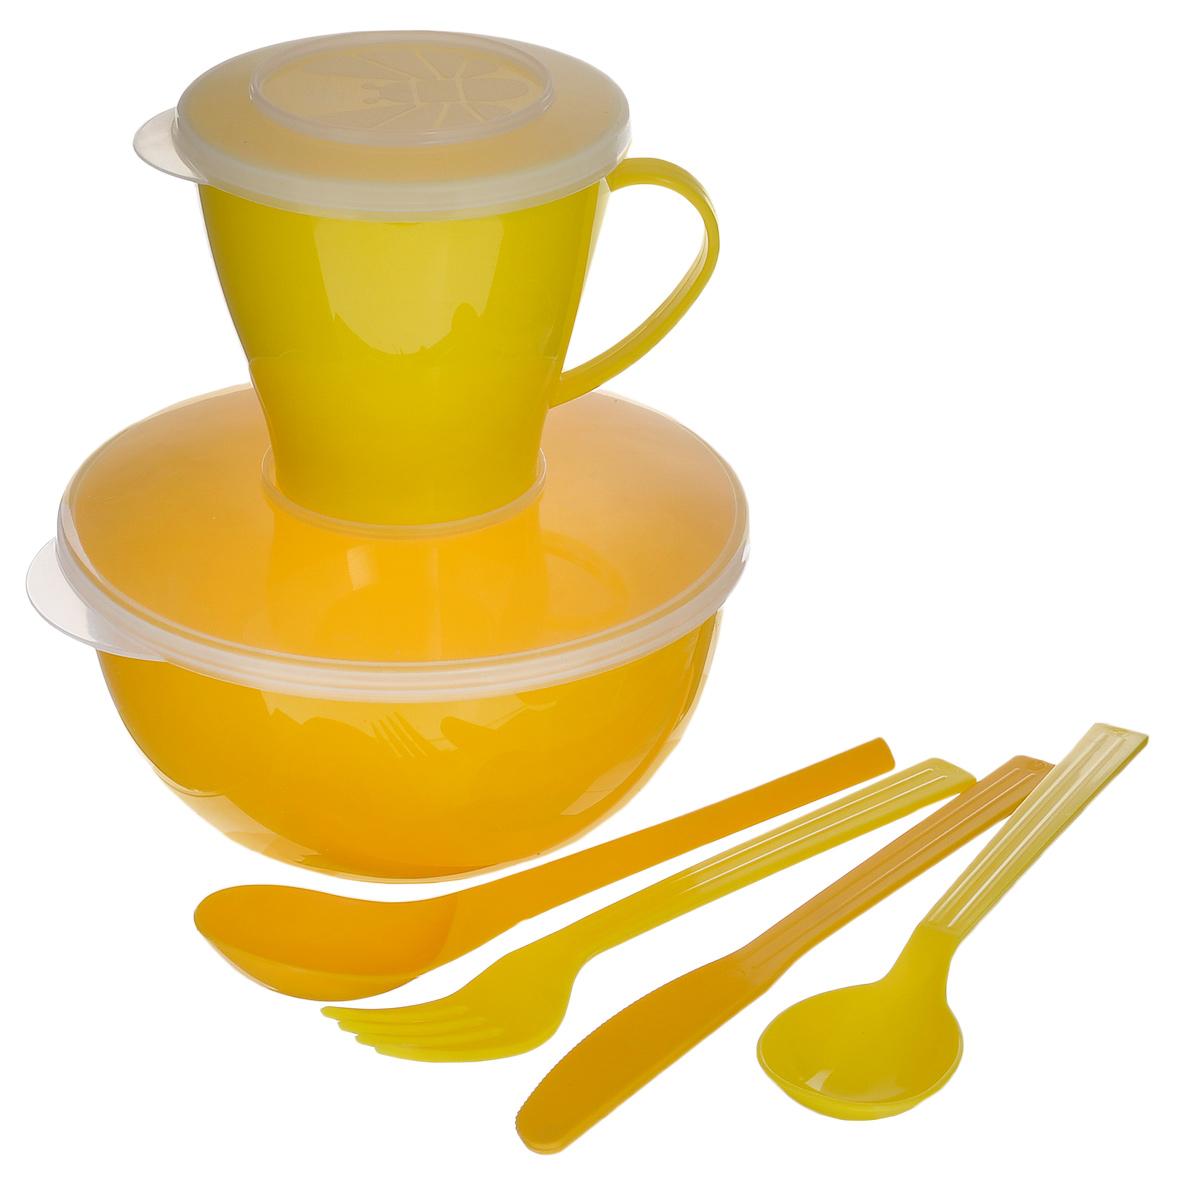 Набор посуды Solaris Походный, цвет: желтый, на 1 персонуS1105Компактный минималистичный набор посуды Solaris Походный из качественного полипропилена, в удобной виниловой сумке с ручкой и молнией.Свойства посуды:Посуда из ударопрочного пищевого полипропилена предназначена для многократного использования. Легкая, прочная и износостойкая, экологически чистая, эта посуда работает в диапазоне температур от -25°С до +110°С. Можно мыть в посудомоечной машине. Эта посуда также обеспечивает:Хранение горячих и холодных пищевых продуктов;Разогрев продуктов в микроволновой печи;Приготовление пищи в микроволновой печи на пару (пароварка);Хранение продуктов в холодильной и морозильной камере;Кипячение воды с помощью электрокипятильника.Состав набора:Миска с герметичной крышкой, 1 л;Чашка с герметичной крышкой, 0,36 л;Вилка;Ложка столовая;Нож;Ложка чайная.Диаметр миски: 15 см.Высота миски: 7,5 см.Диаметр чашки по верхнему краю: 9,1 см.Диаметр дна чашки: 5,7 см.Высота чашки: 8,7 см.Длина ложки: 19 см.Длина вилки: 19 см.Длина ножа: 19 см.Длина чайной ложки: 13,5 см.